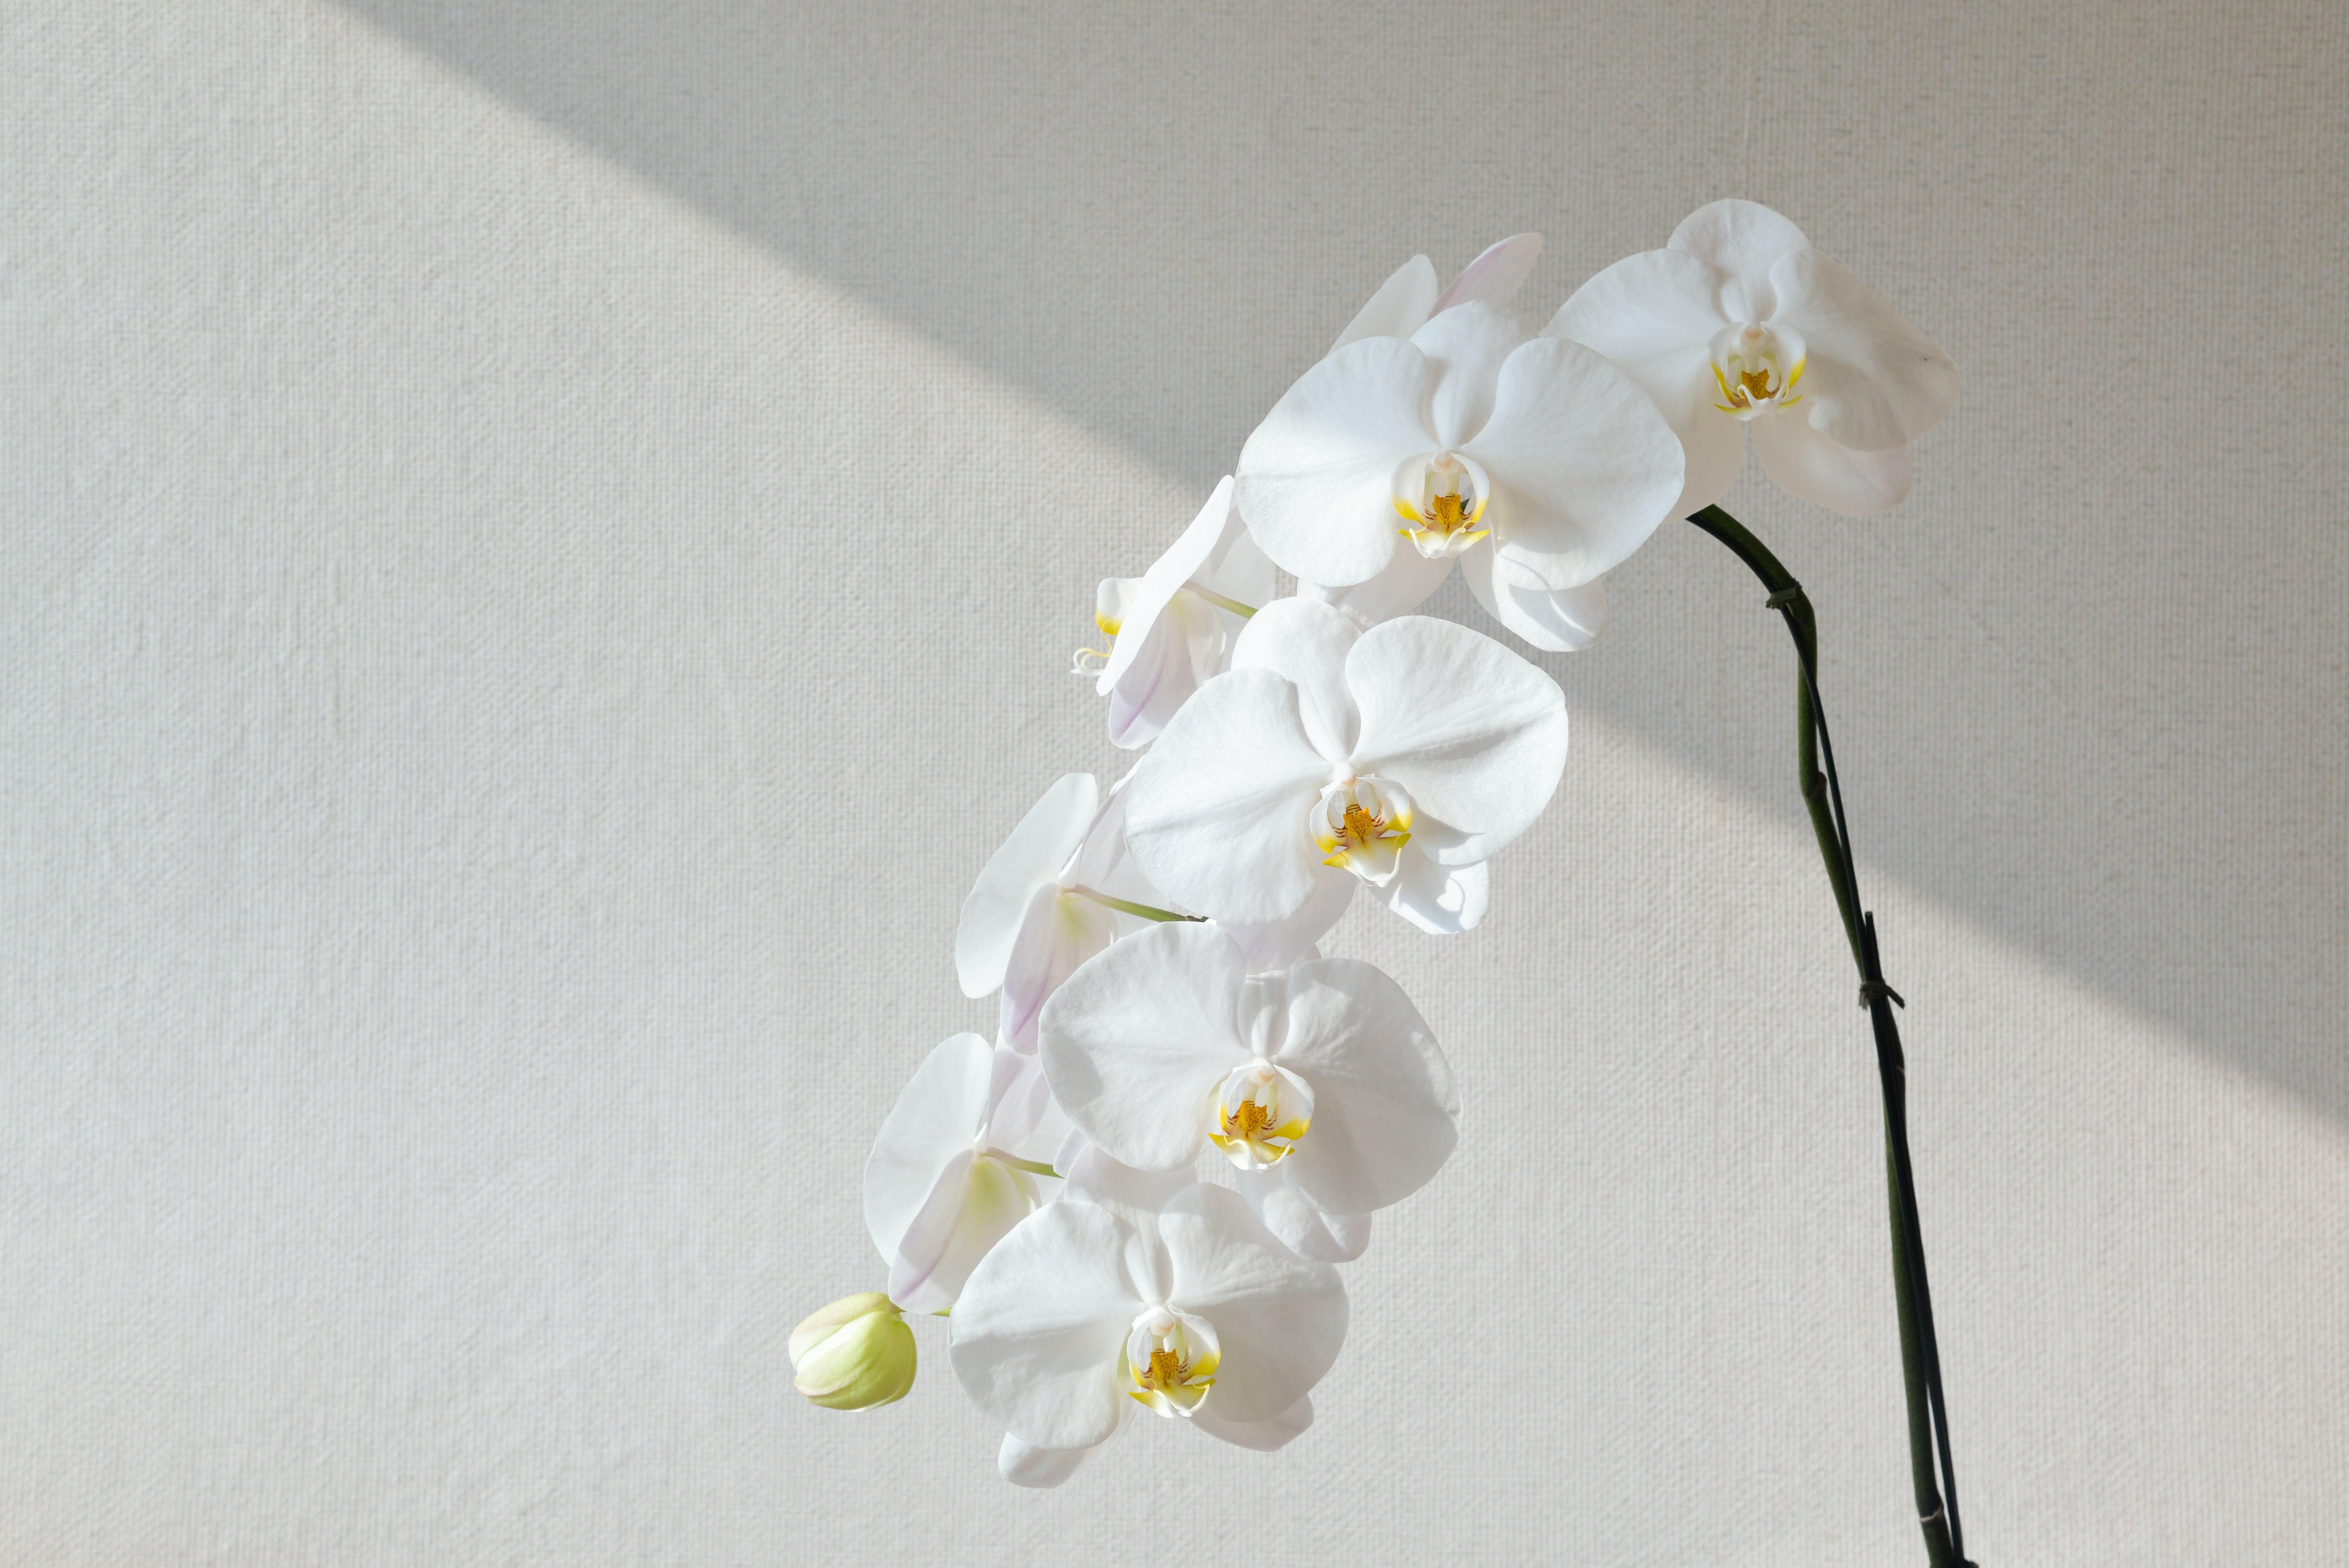 日に当たる白い胡蝶蘭